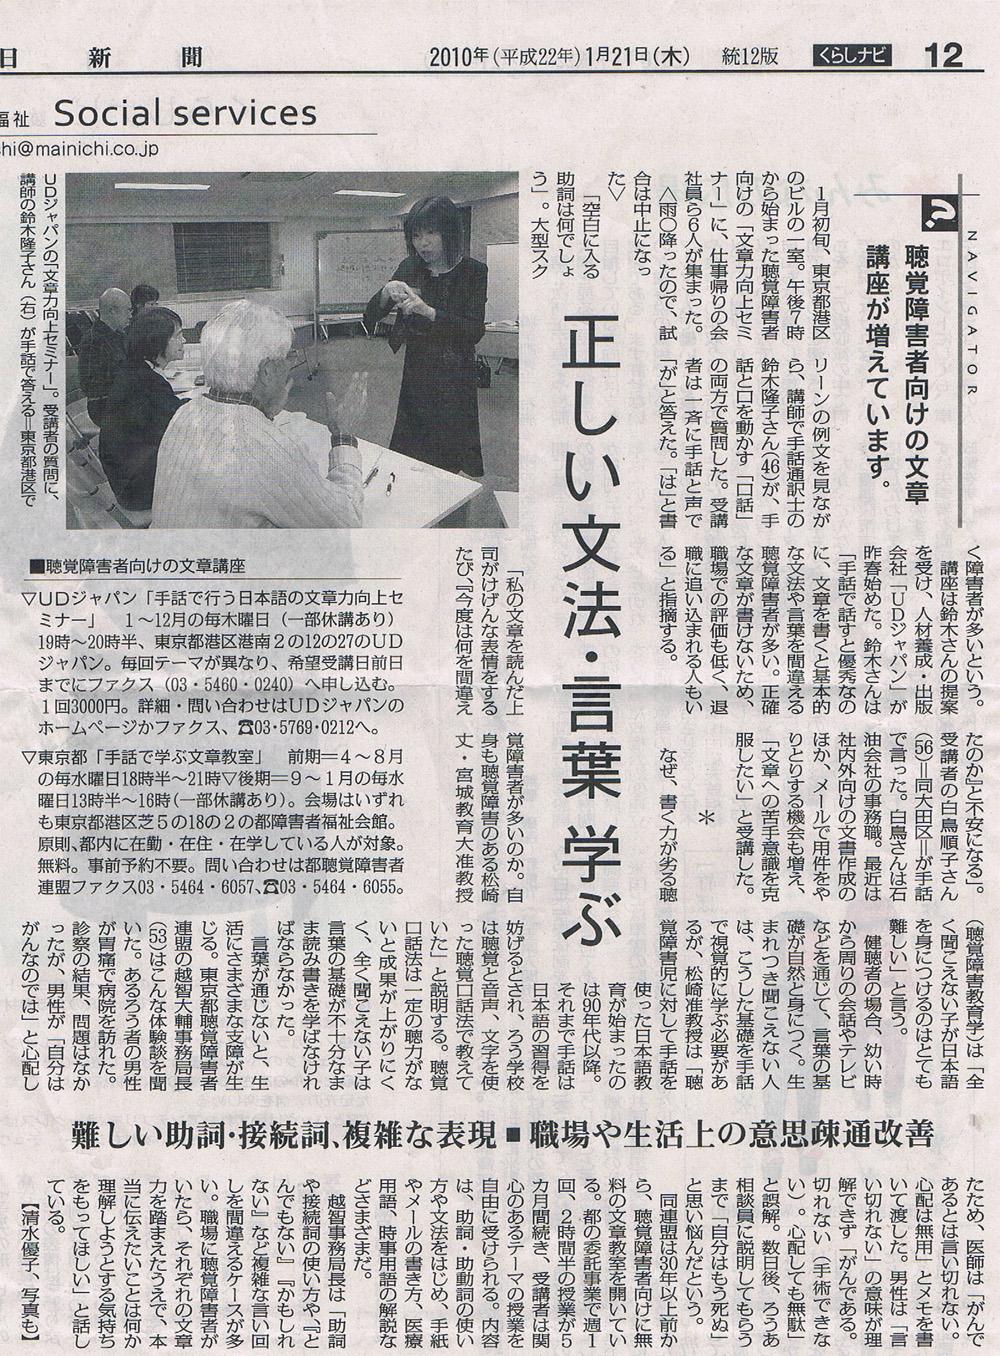 2010年1月21日毎日新聞の朝刊に「手話で行う日本語の文章力向上講座」が掲載されました